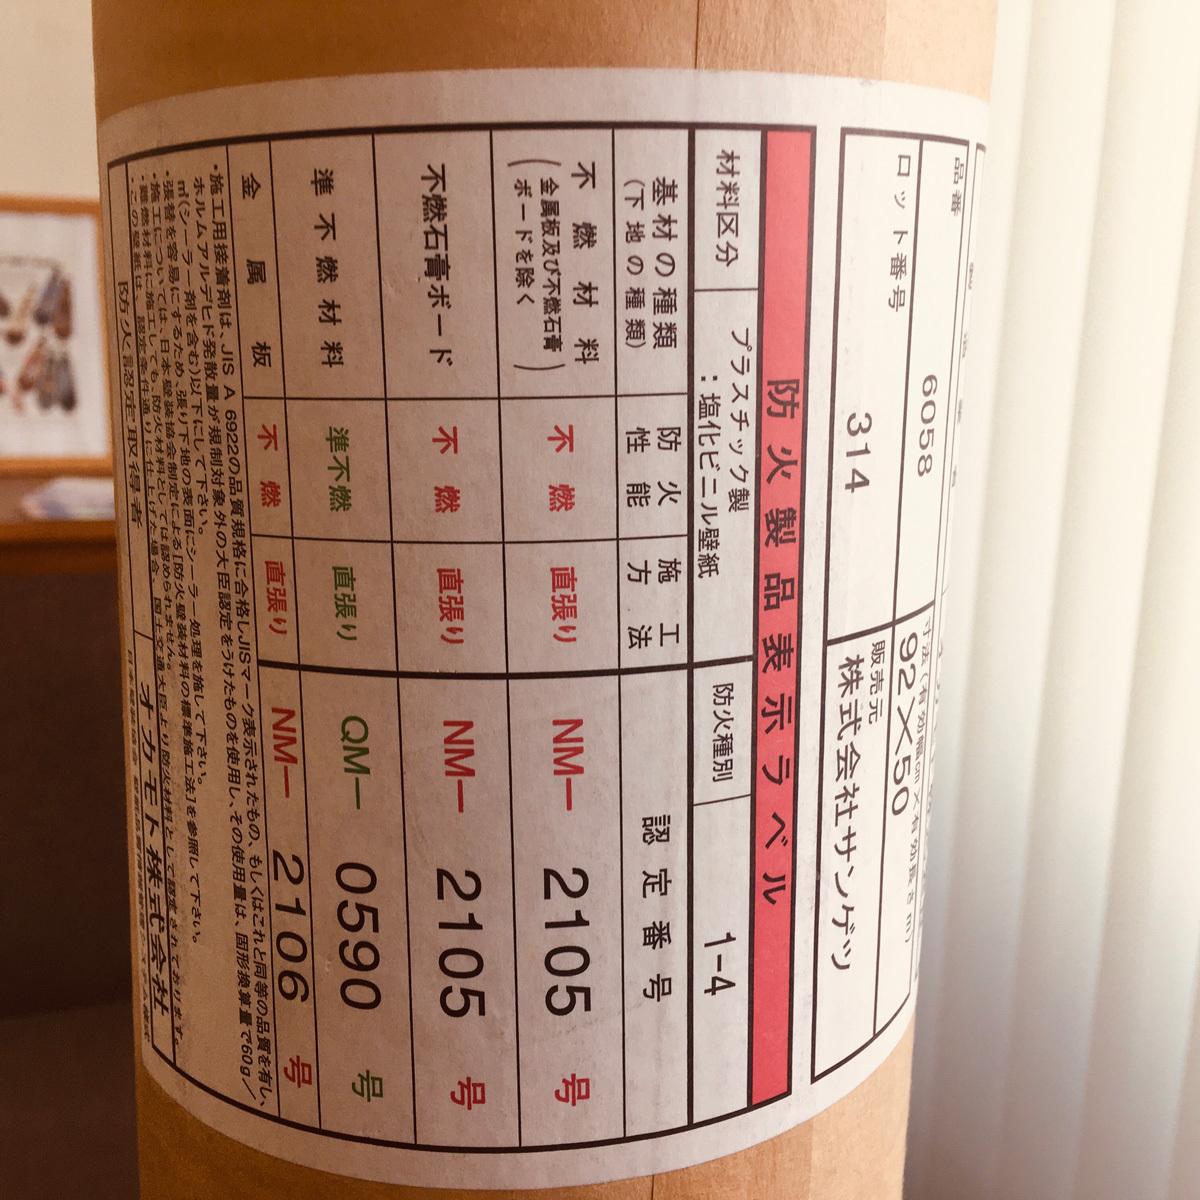 【サンゲツアウトレット木目クロス】壁紙ビニールクロスHF1065処分品 オーク 柾目【50m】【不燃】【表面強化】【防カビ】【リノベション】_画像9